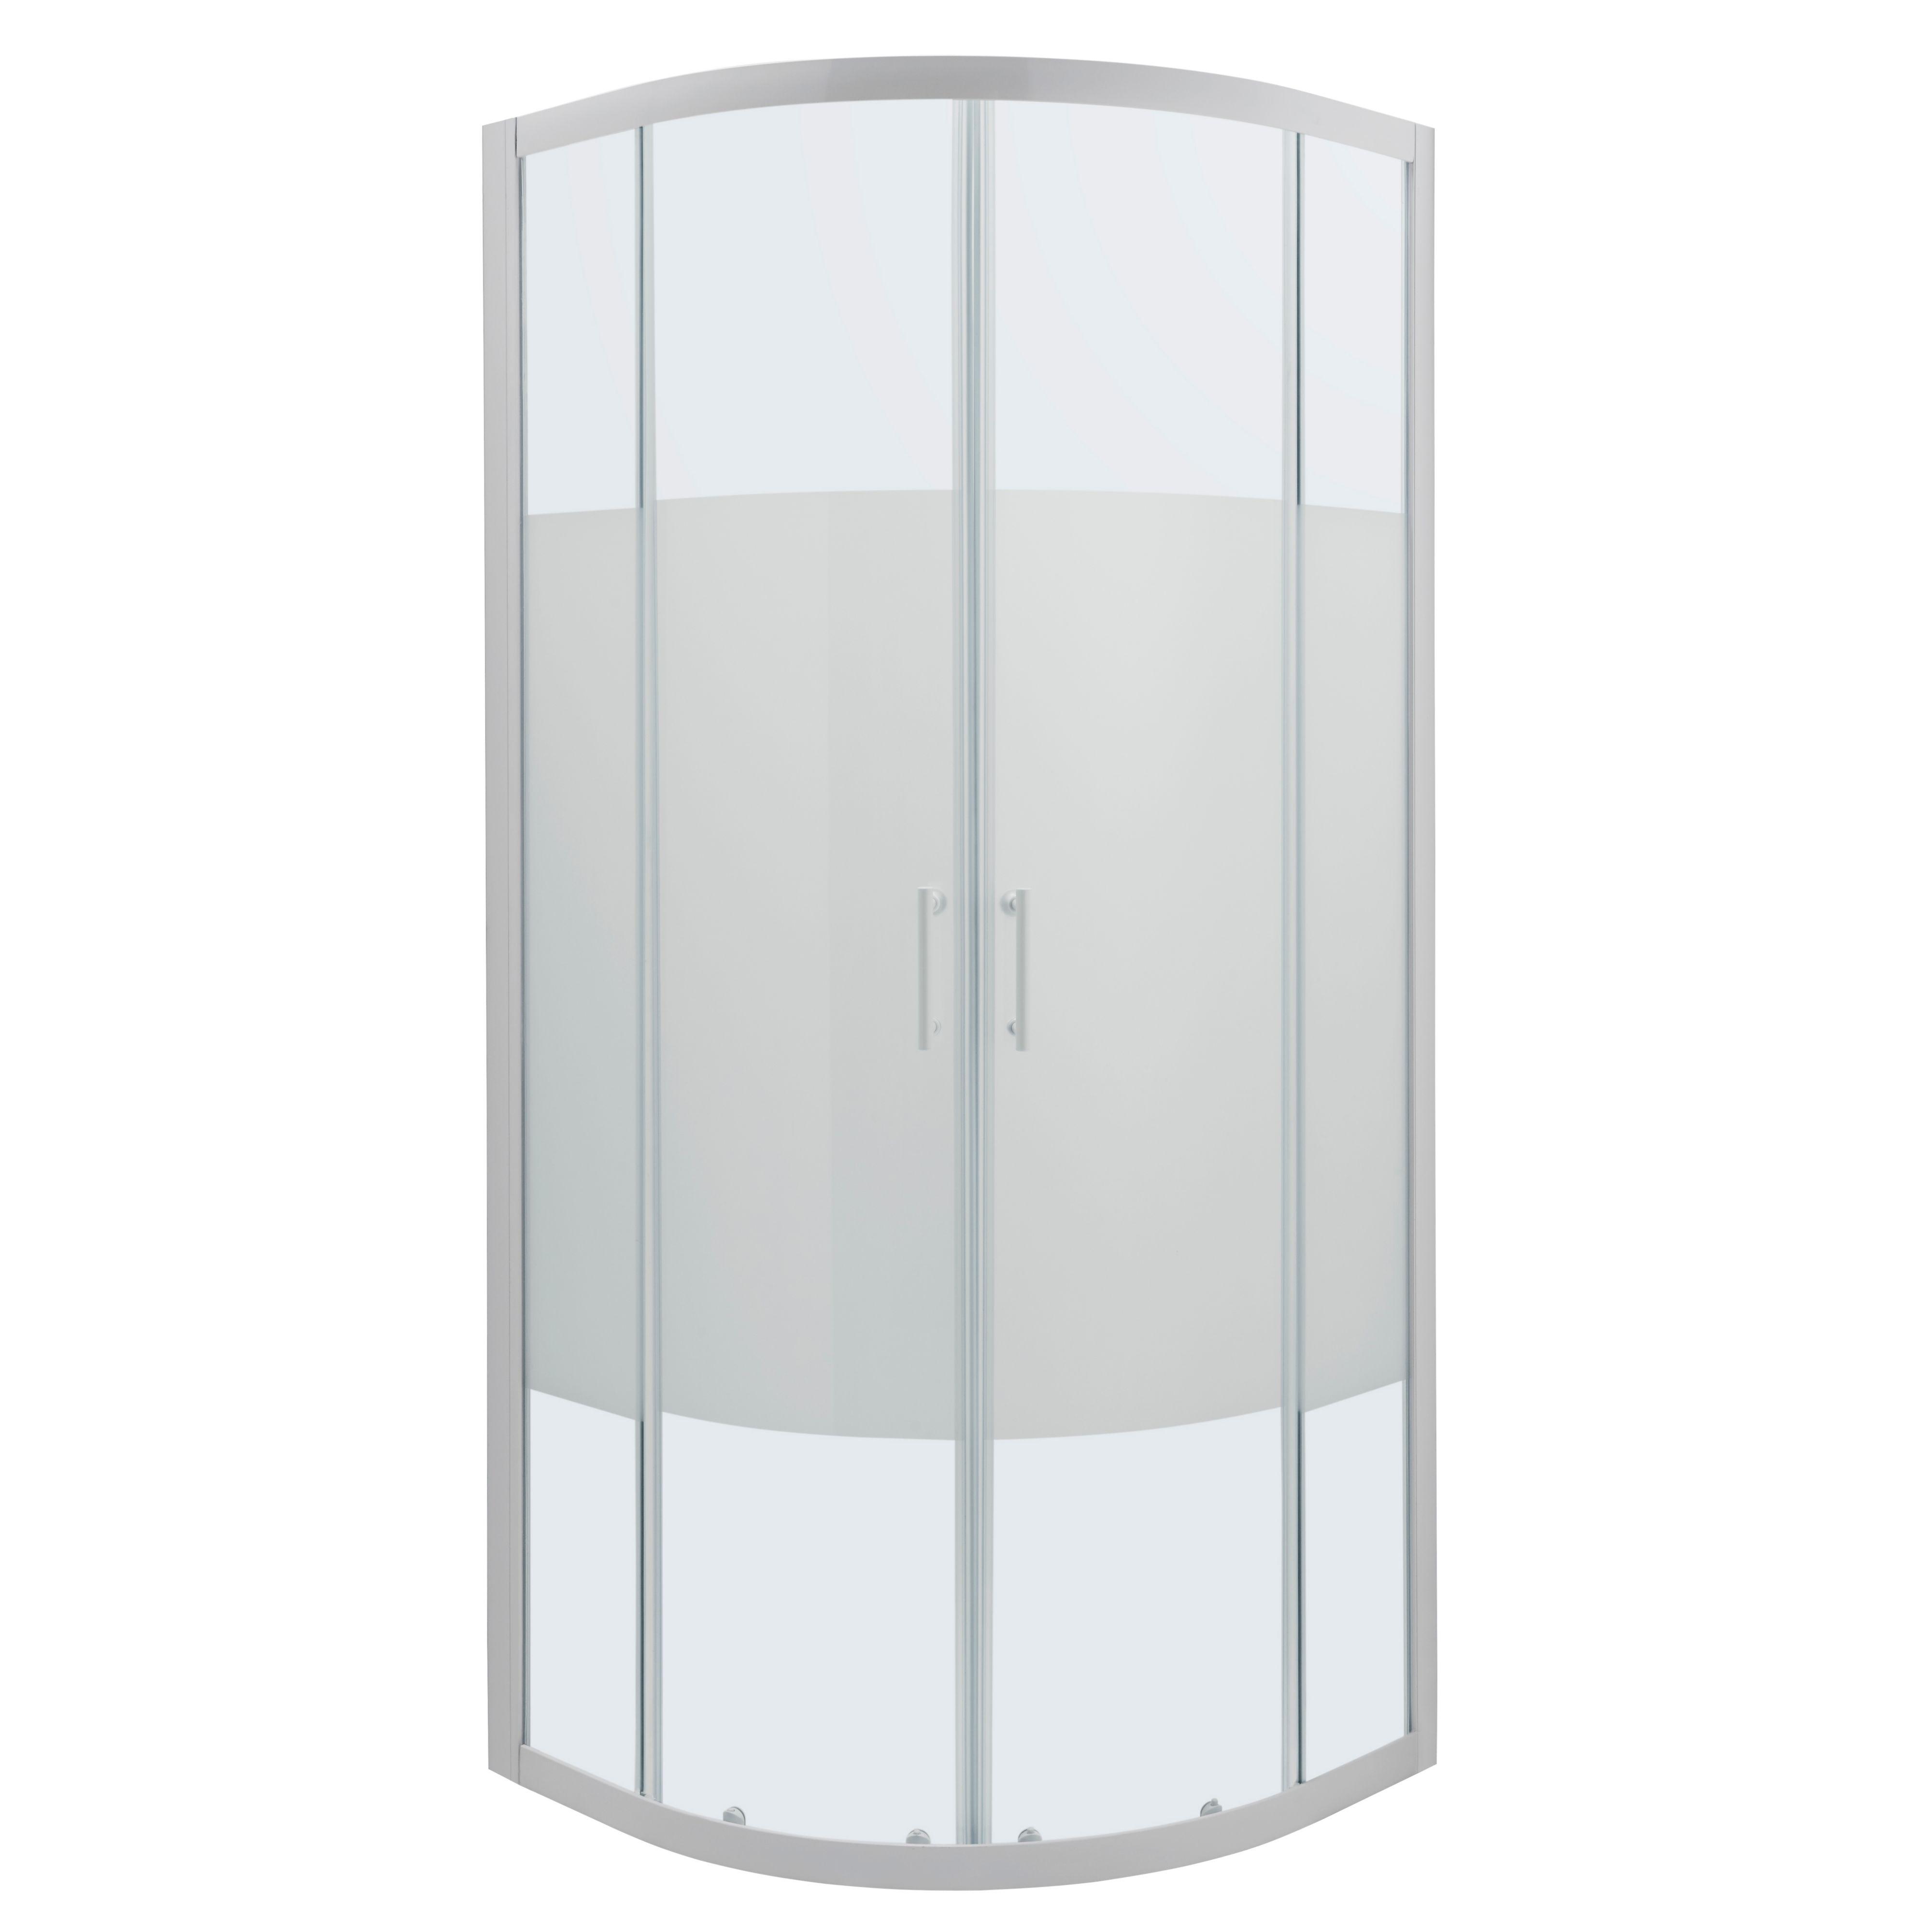 Cooke Lewis Onega Quadrant Shower Enclosure With Corner